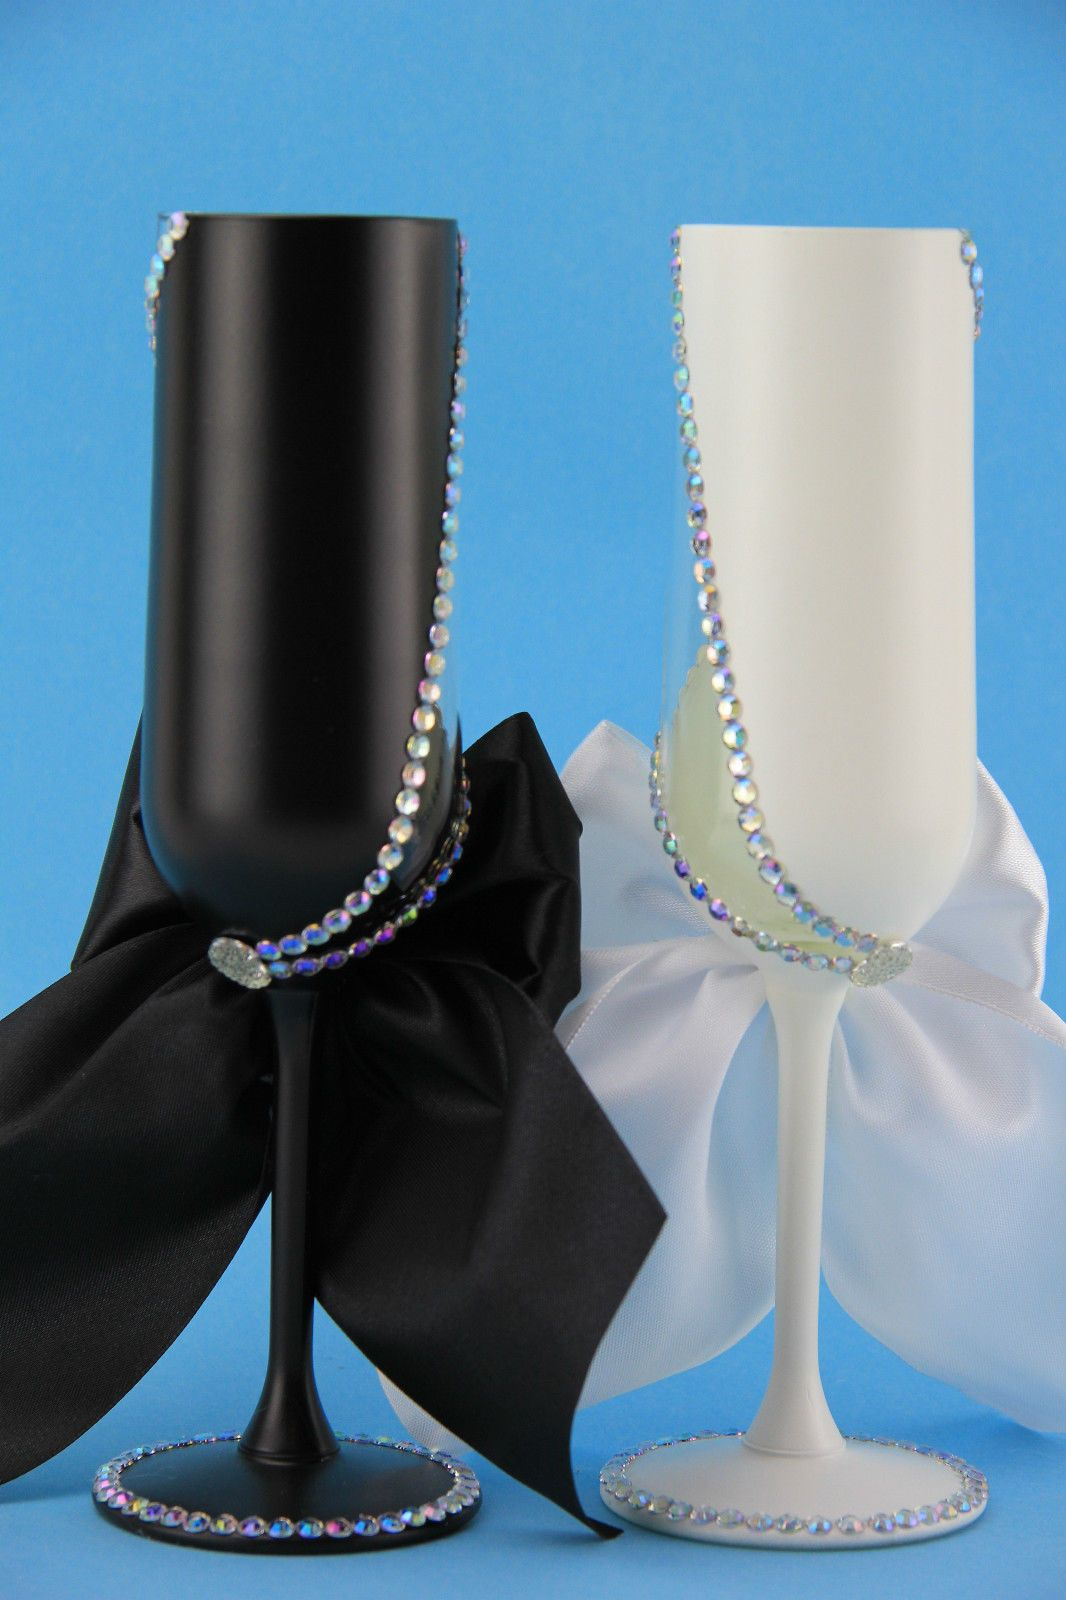 Hochzeitsglaser Sektglaser Hochzeitsgeschenk Handarbeitnr 1 Ebay